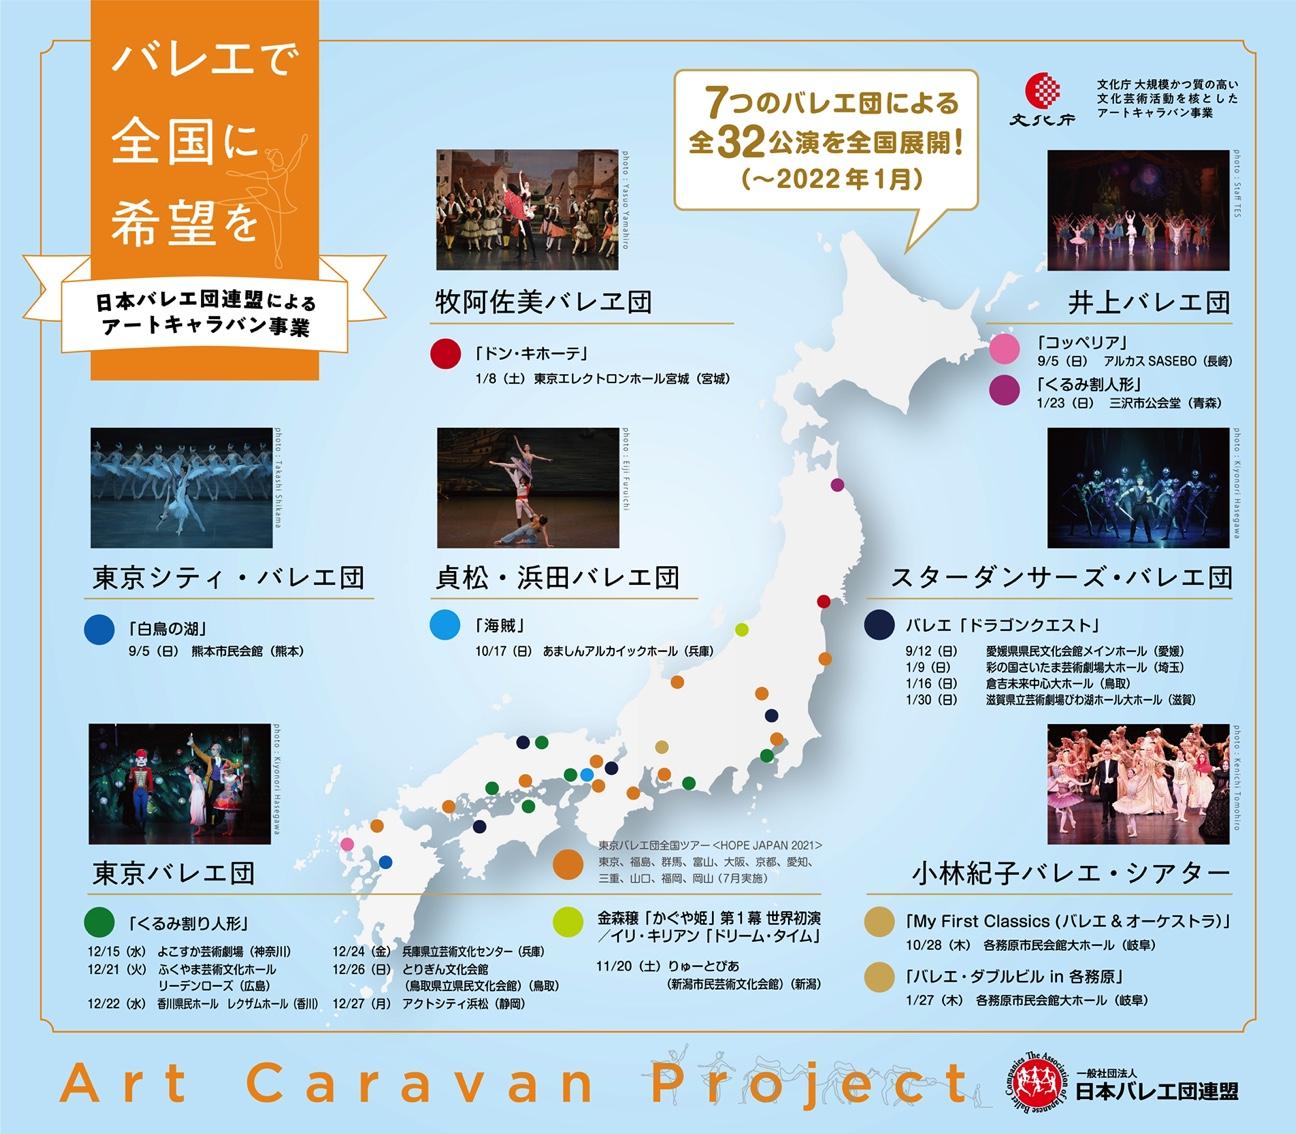 日本バレエ団連盟によるアートキャラバン事業